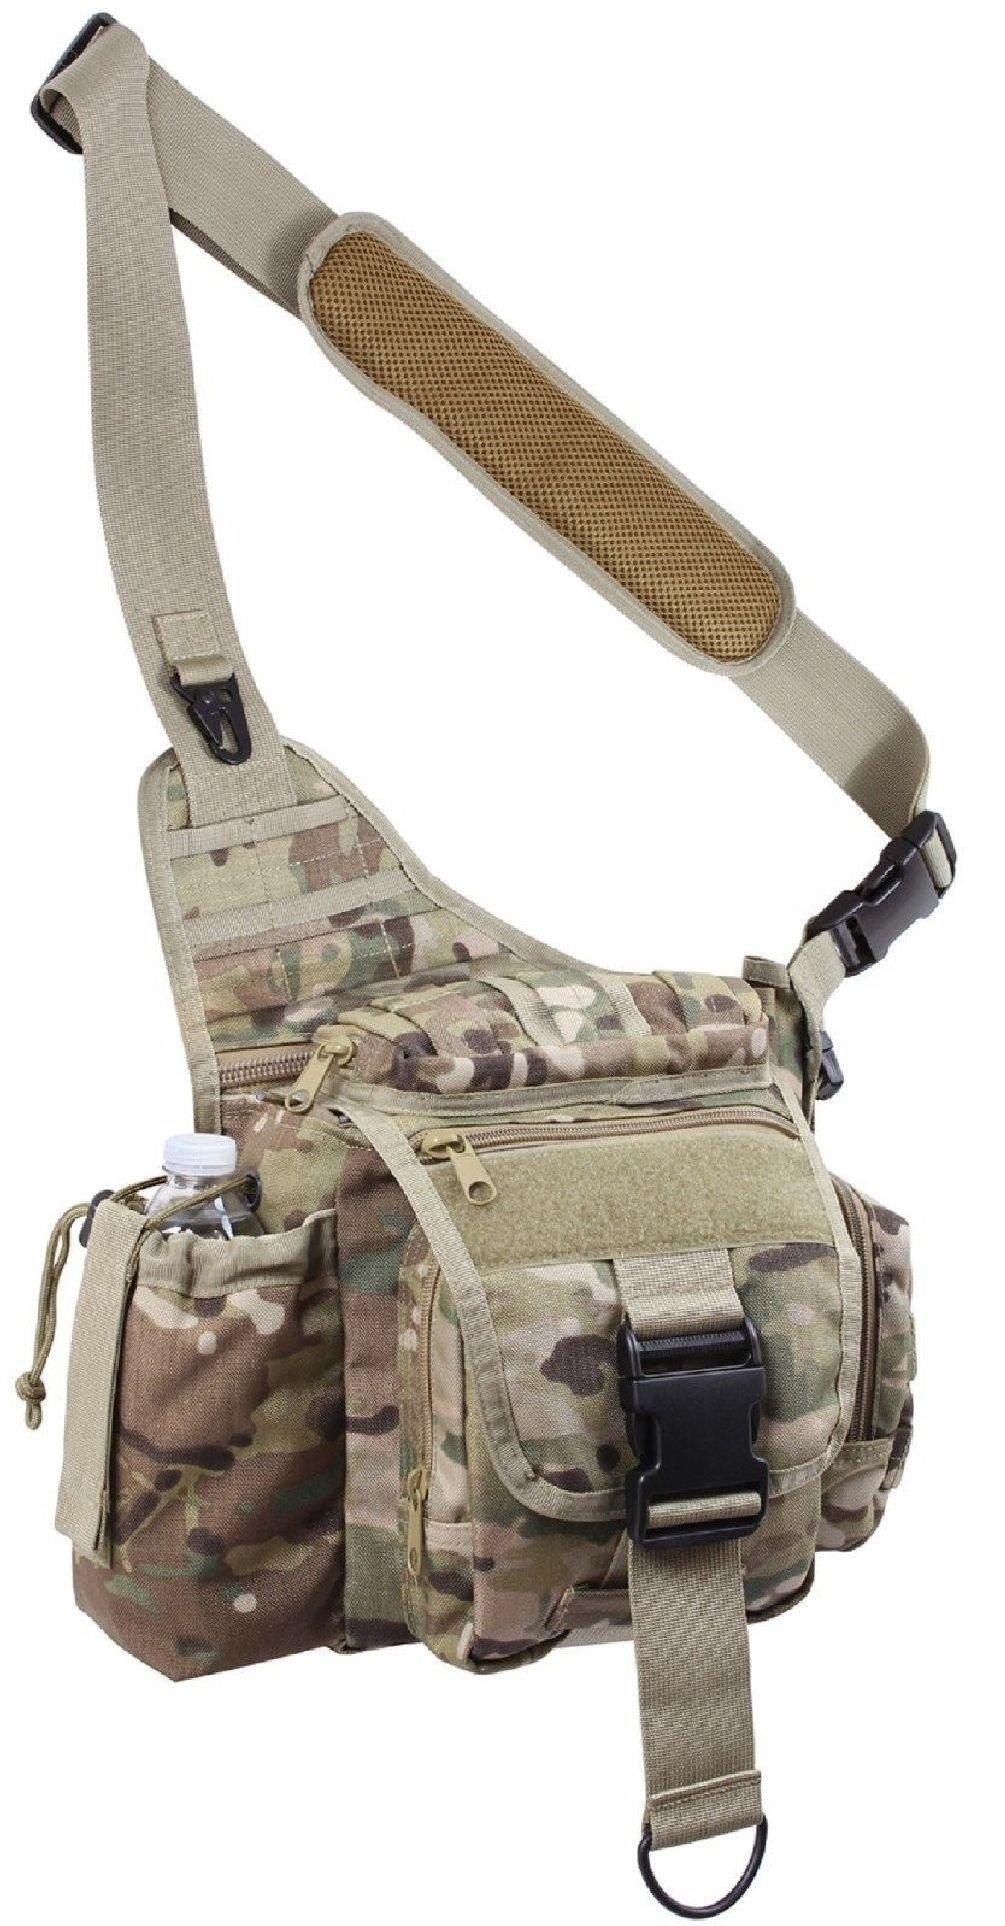 Lightweight Molle Polyester Advanced Tactical Travel Shoulder Messanger Bag